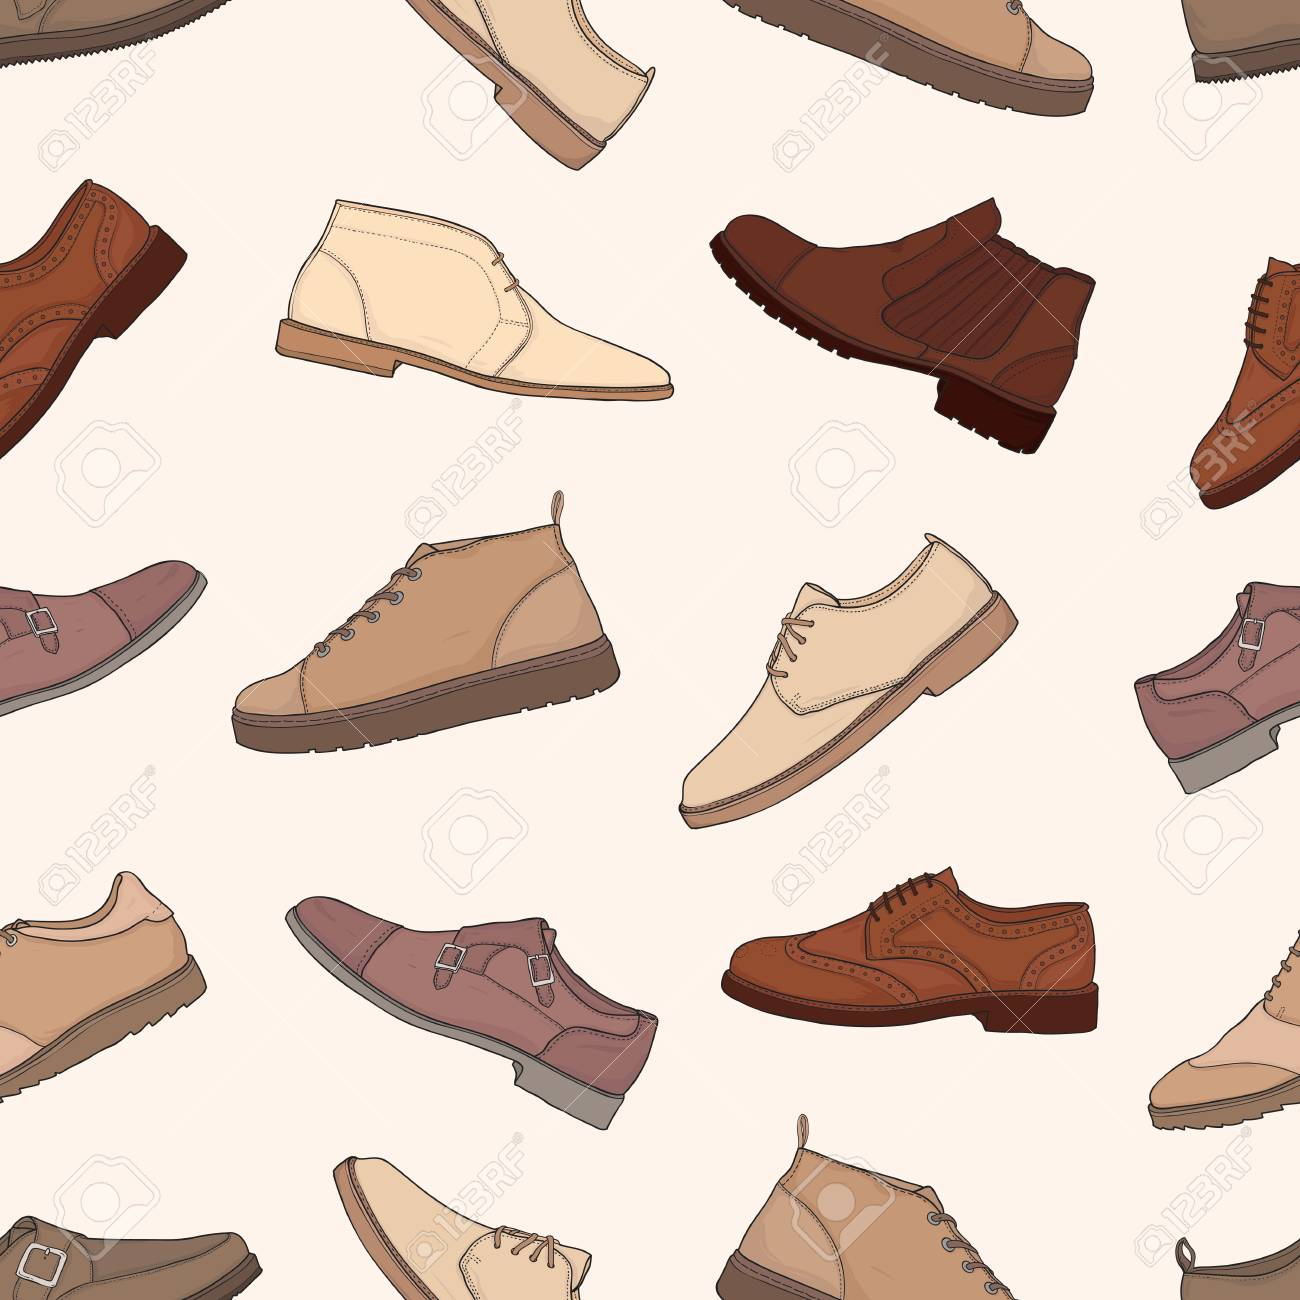 Patrón Sin Fisuras Con Diferentes Tipos De De Botas Y Zapatos De De Los ab847a